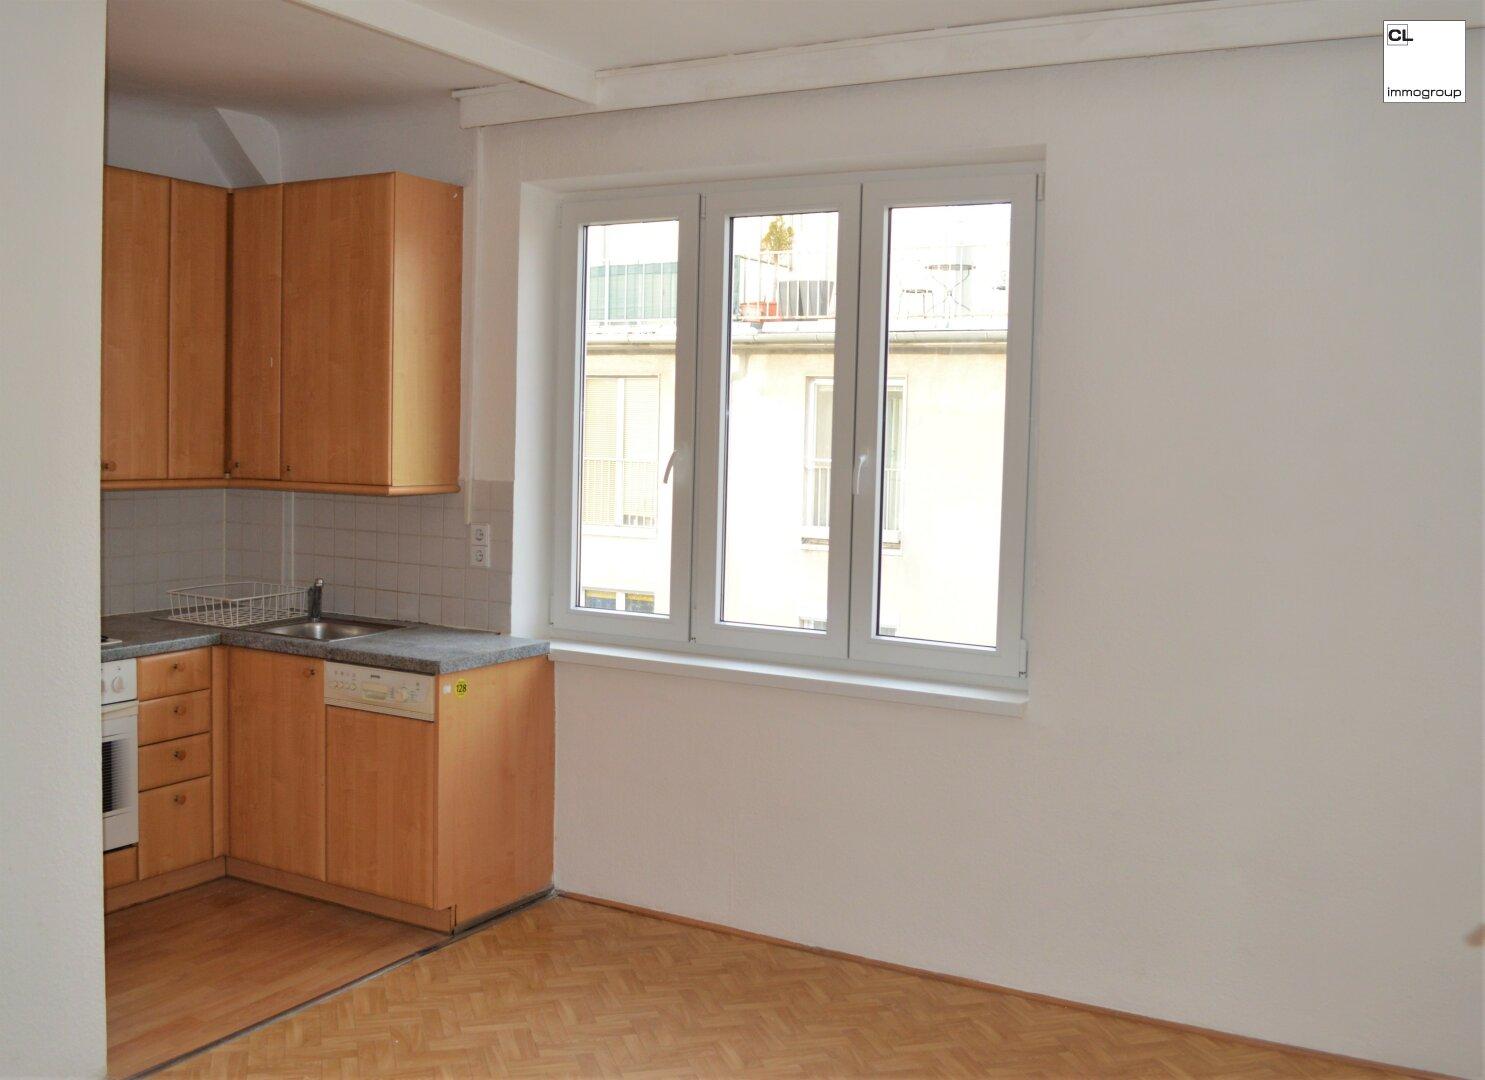 Kochnische in Zimmer 1